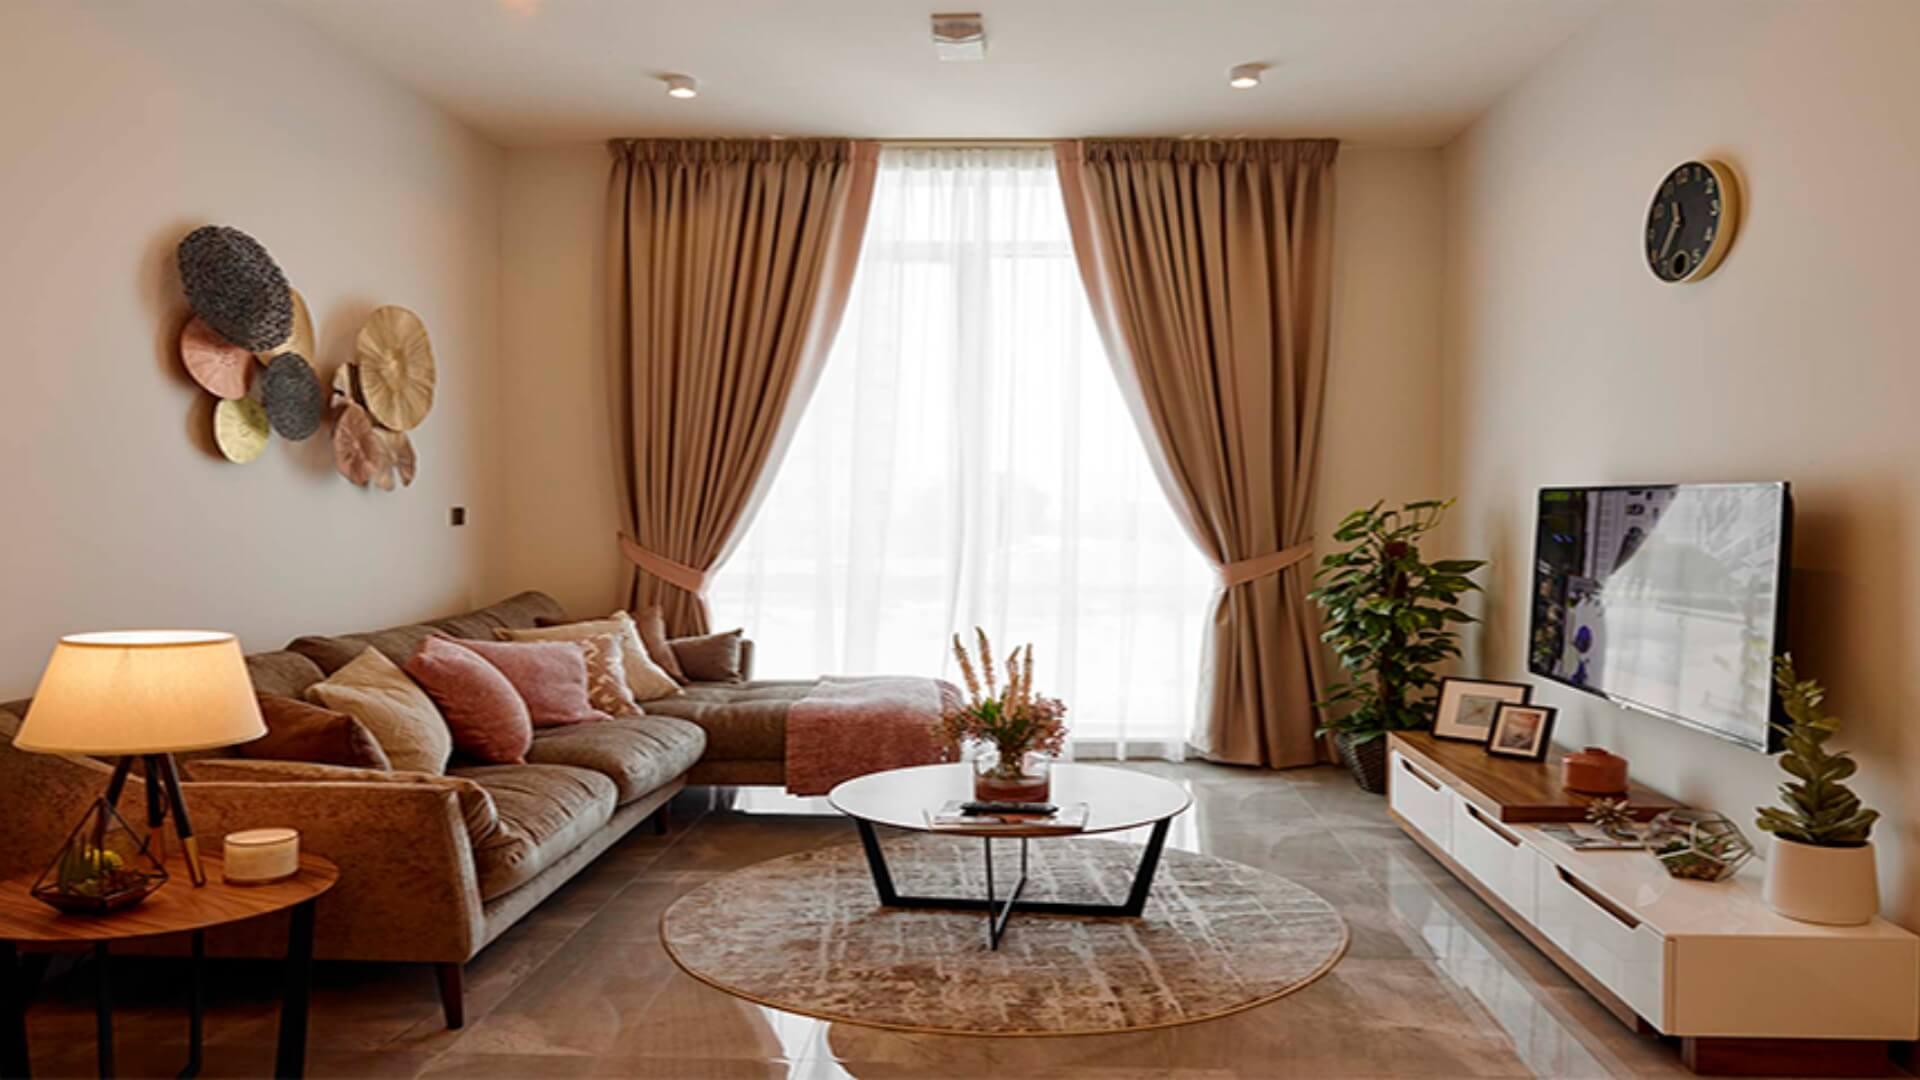 Apartment for sale in Dubai, UAE, 1 bedroom, 59 m2, No. 24269 – photo 1